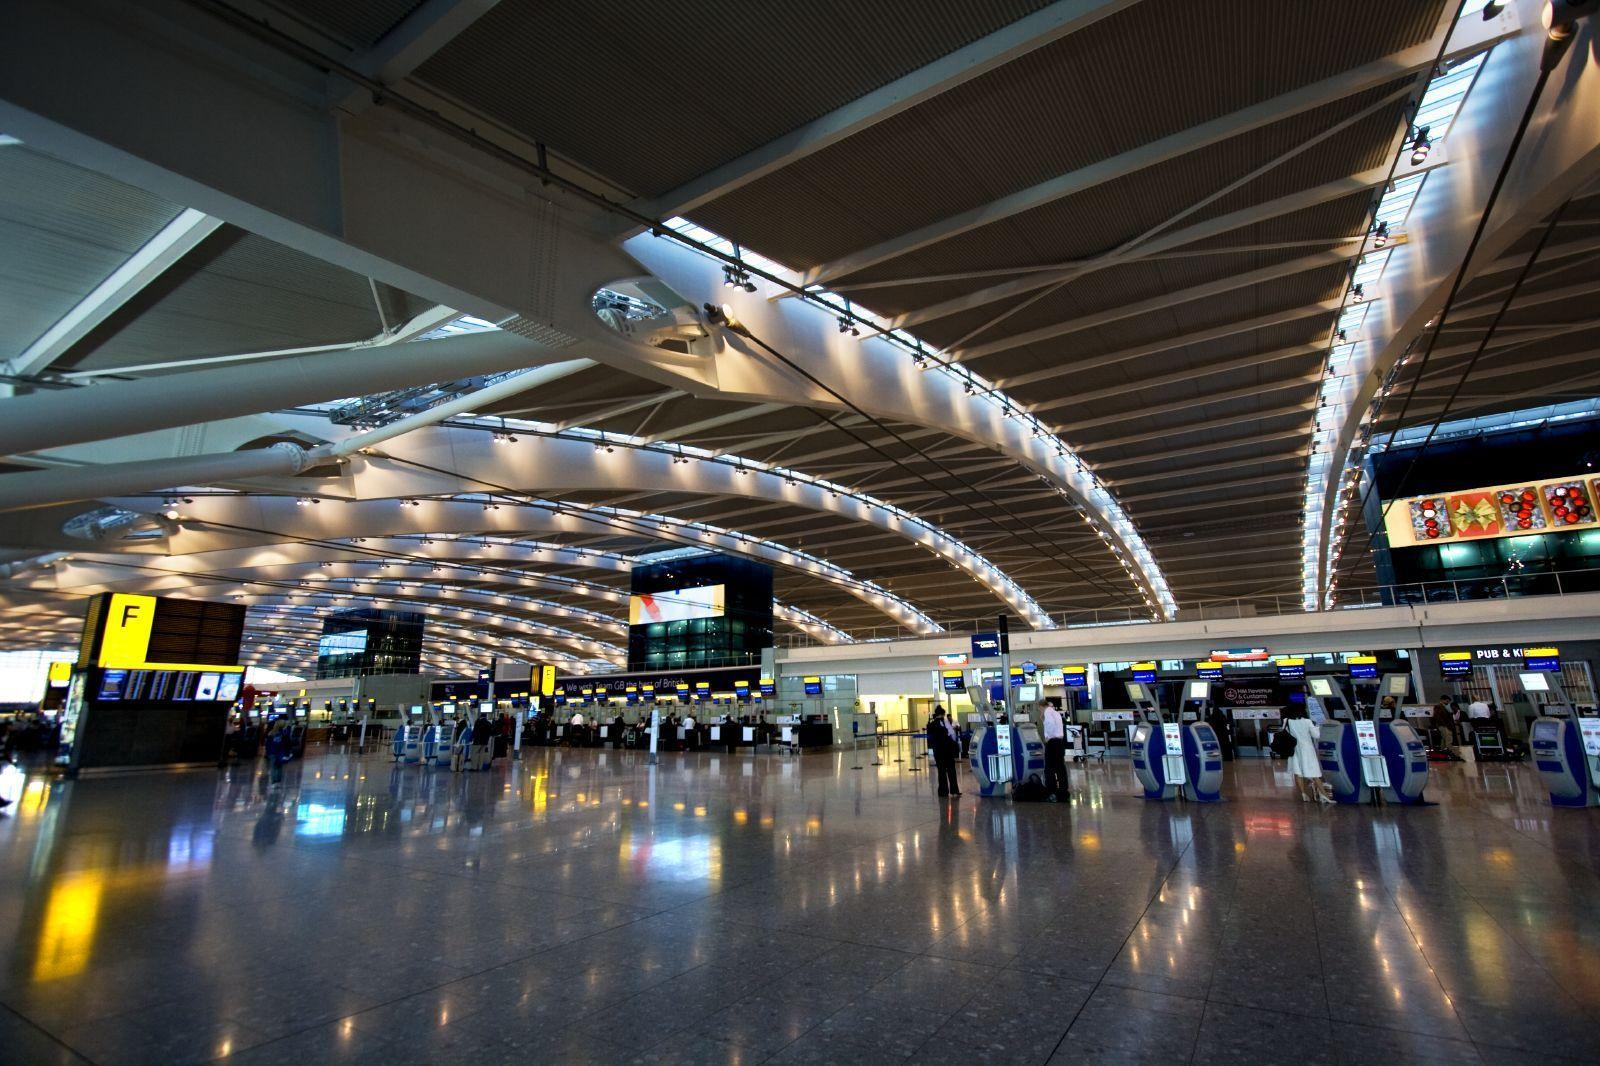 Транспорт в аэропорт аликанте достопримечательности